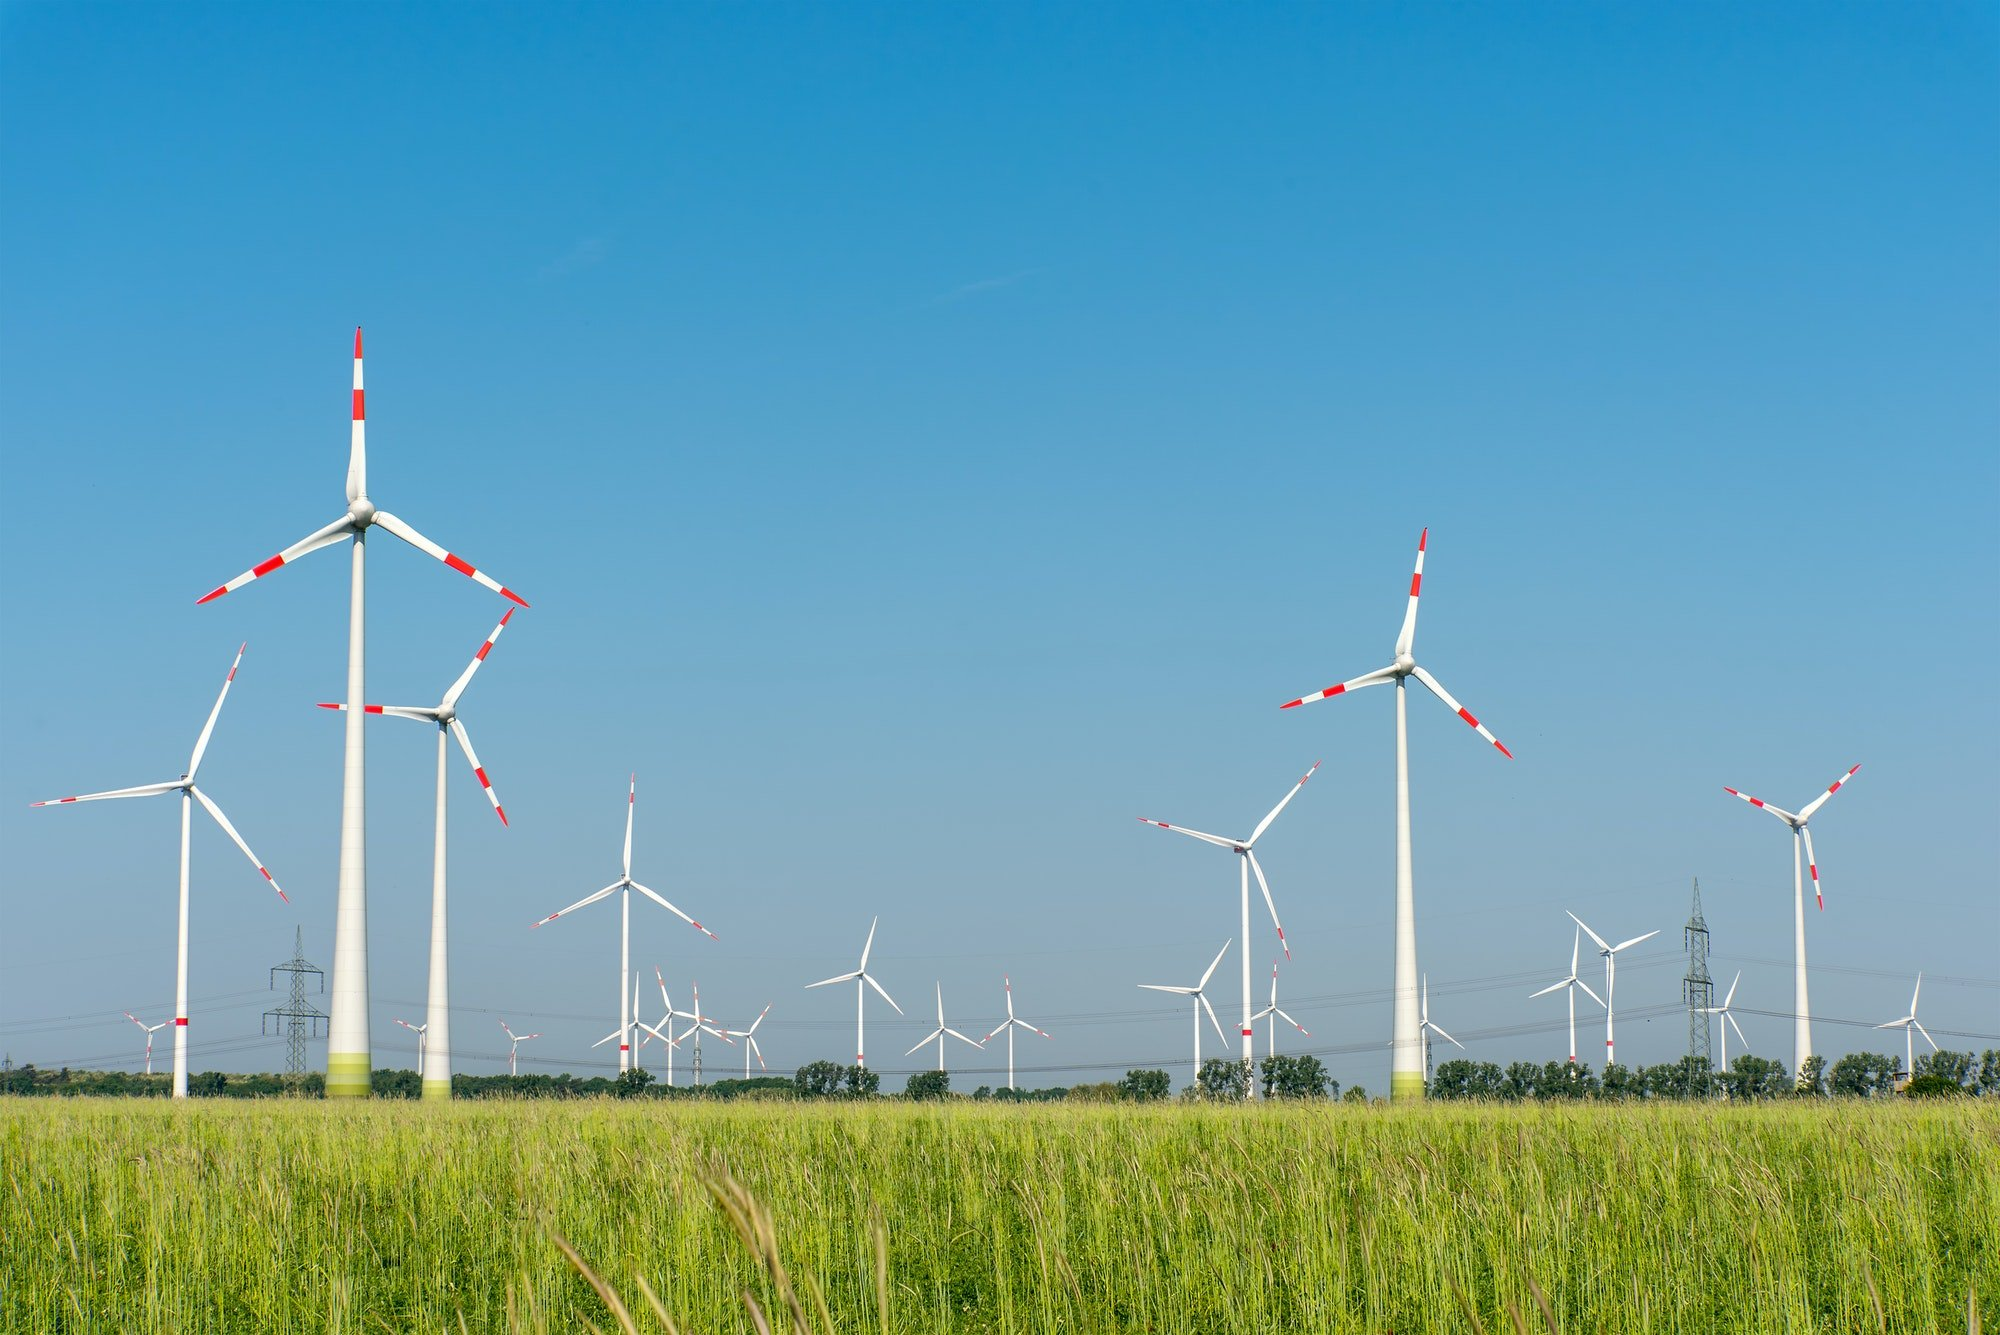 Wind generators in the fields